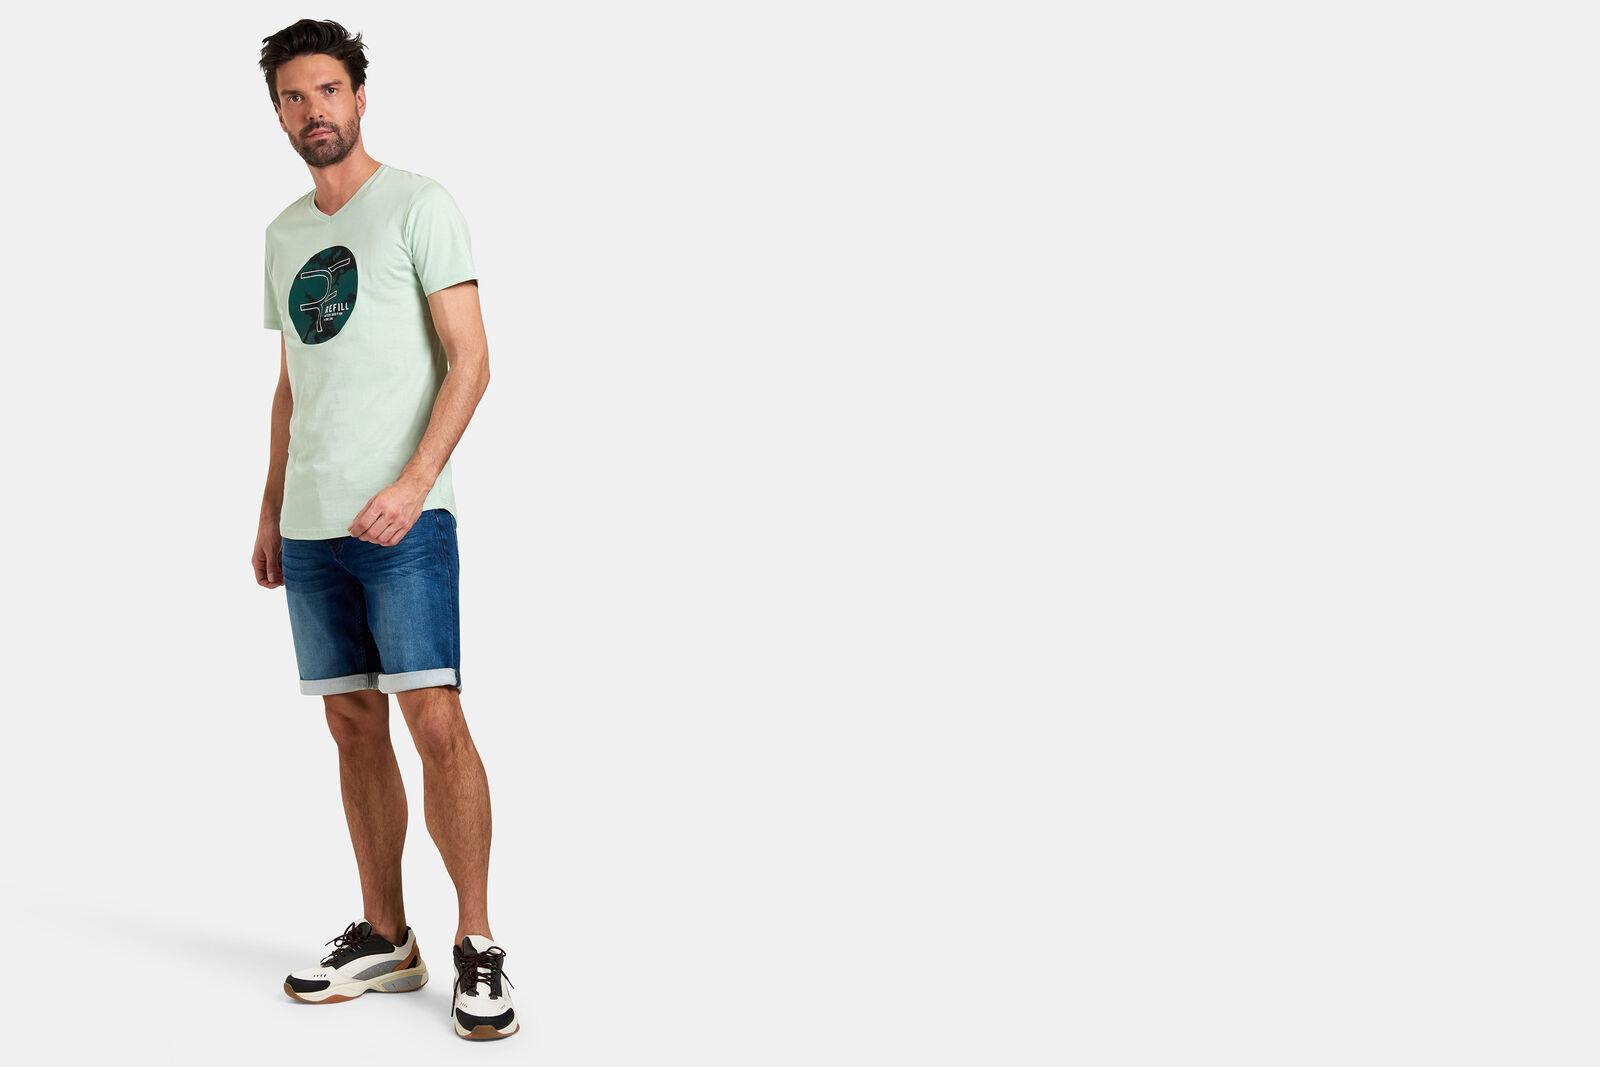 Tiber T-shirt